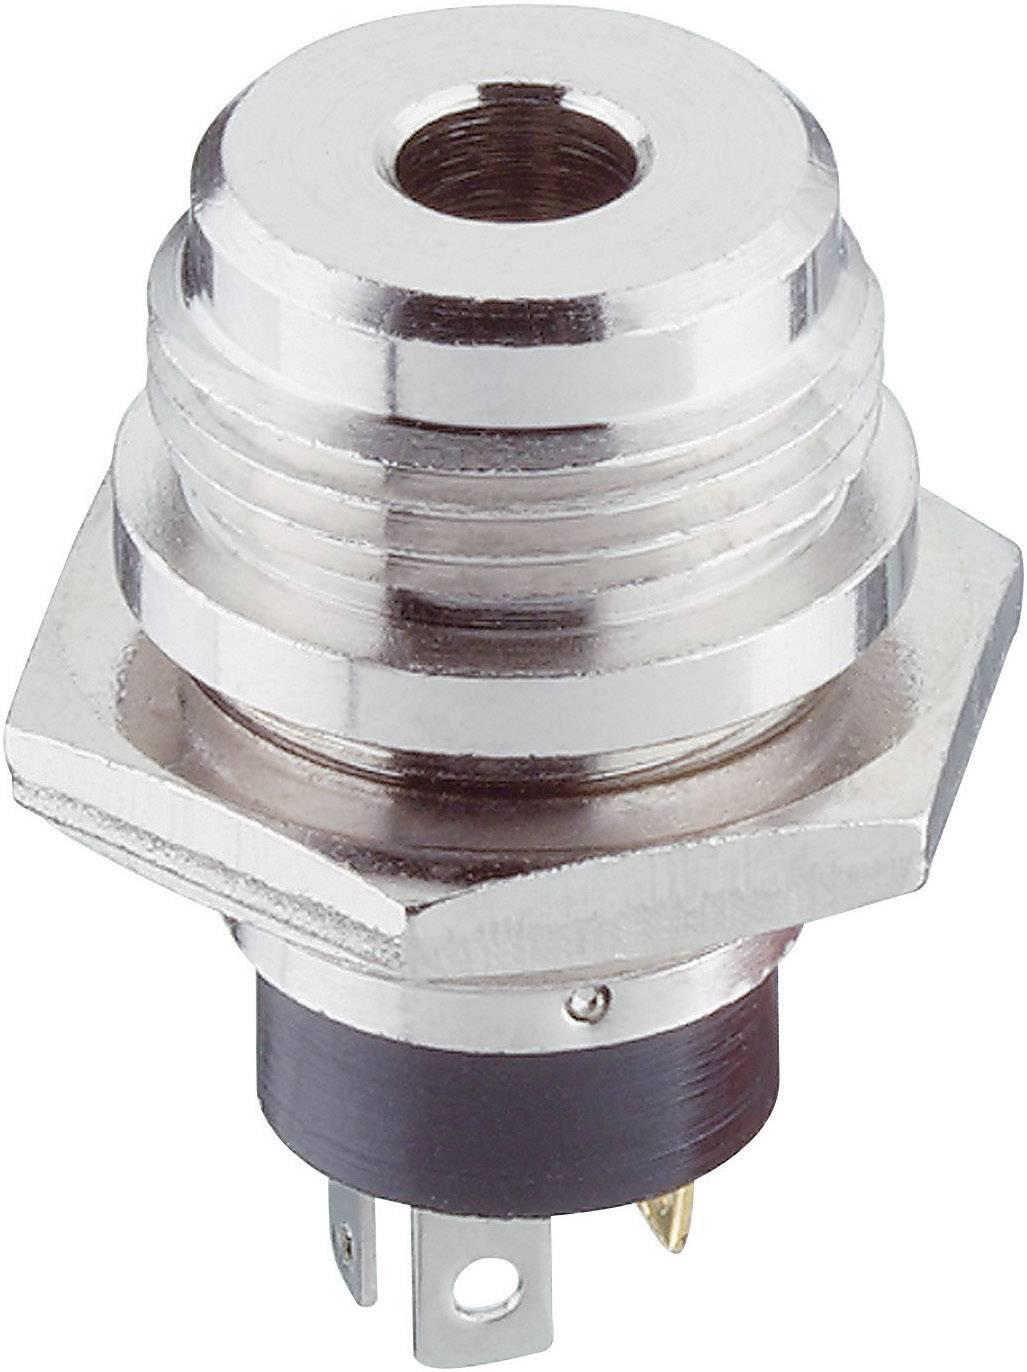 Jack konektor 3.5 mm stereo zásuvka, vstavateľná vertikálna Lumberg 1502 04, počet pinov: 3, strieborná, 1 ks